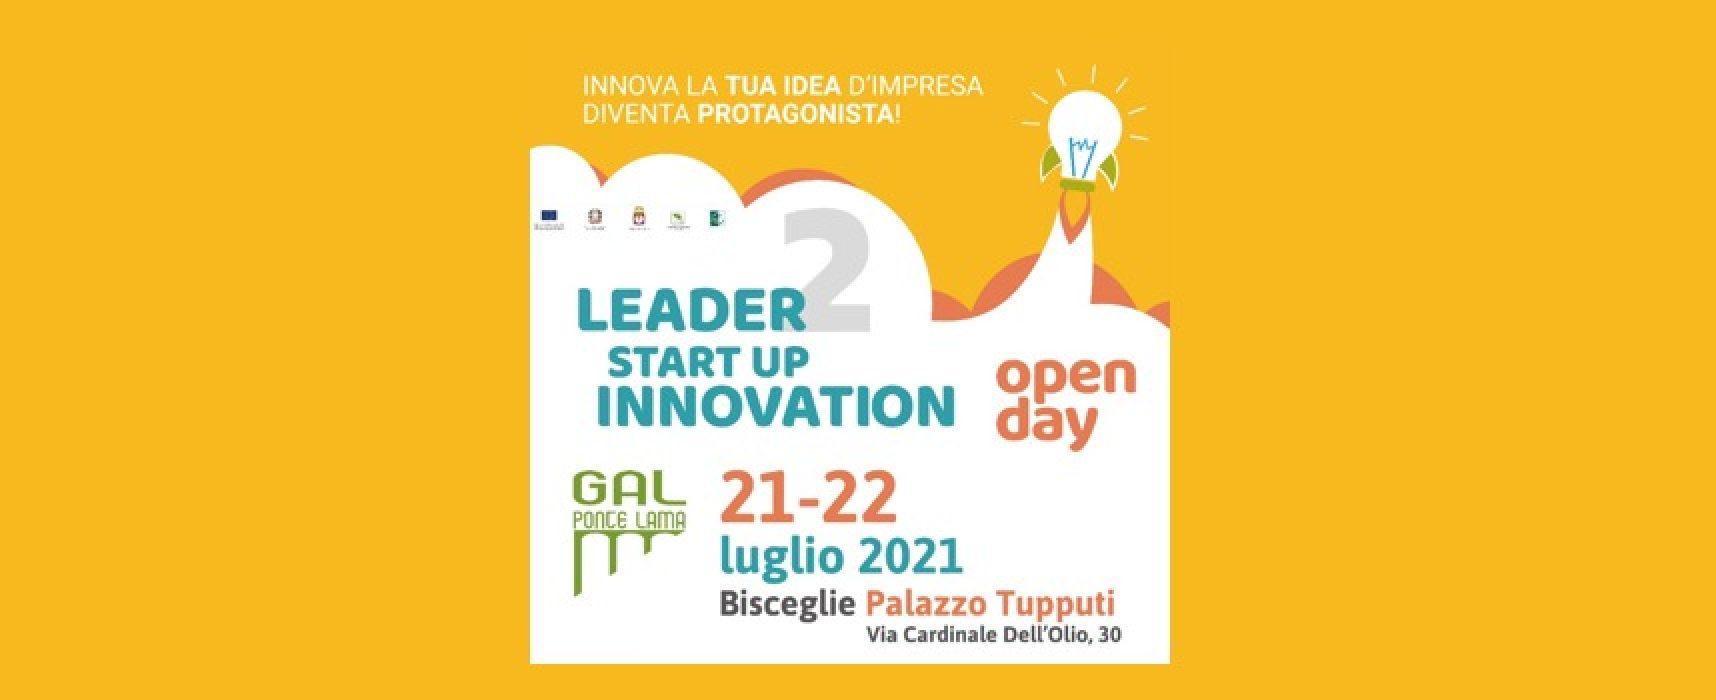 """""""Leader Start Up Innovation"""", il Gal Ponte Lama punta sull'innovazione per la ripresa economica"""